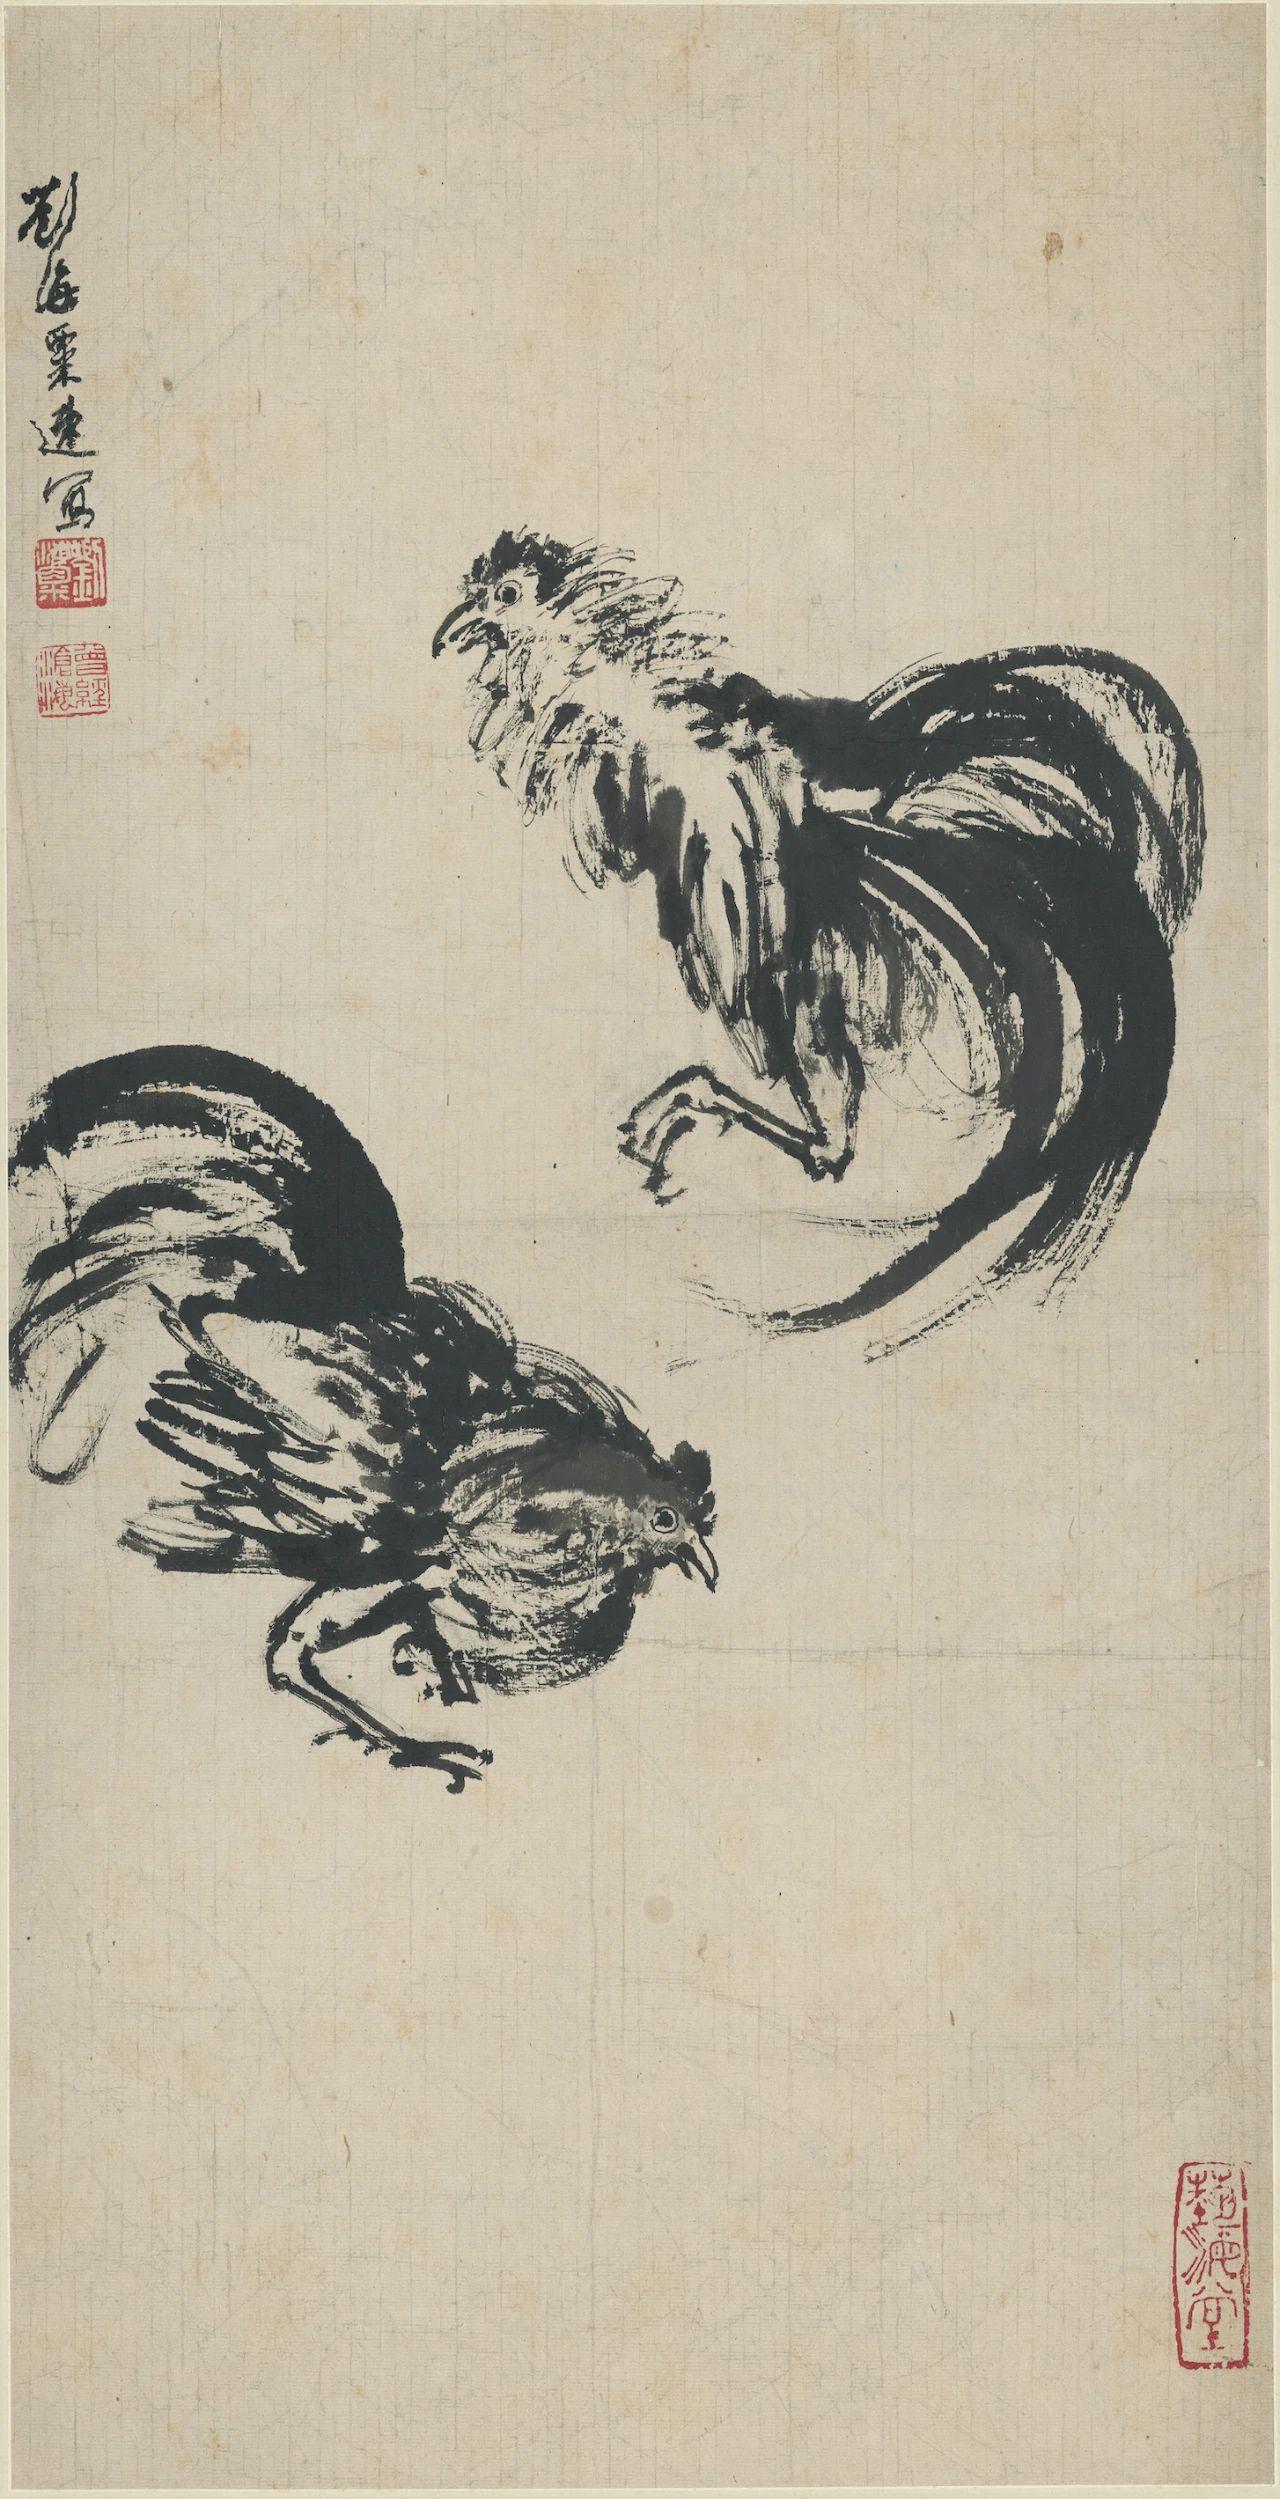 《斗鸡图》 刘海粟102×52cm速写1940年